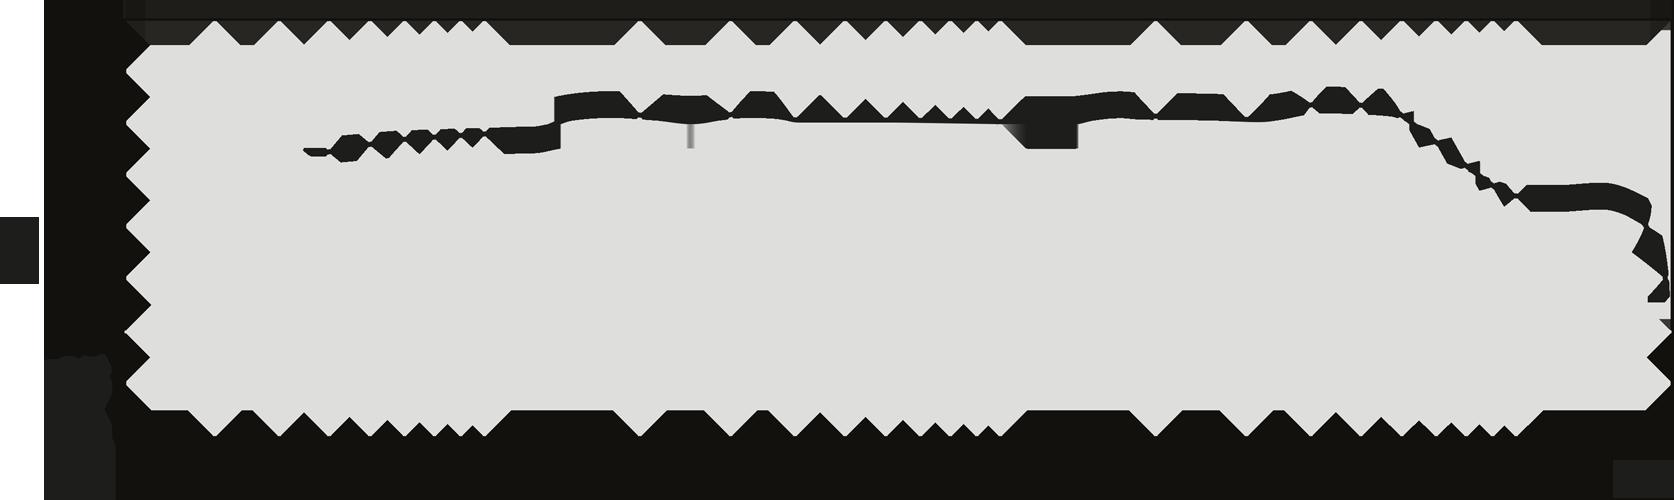 Shure KSM313/NE Micrófono de cinta dual Imagen de la curva de la respuesta en frecuencia